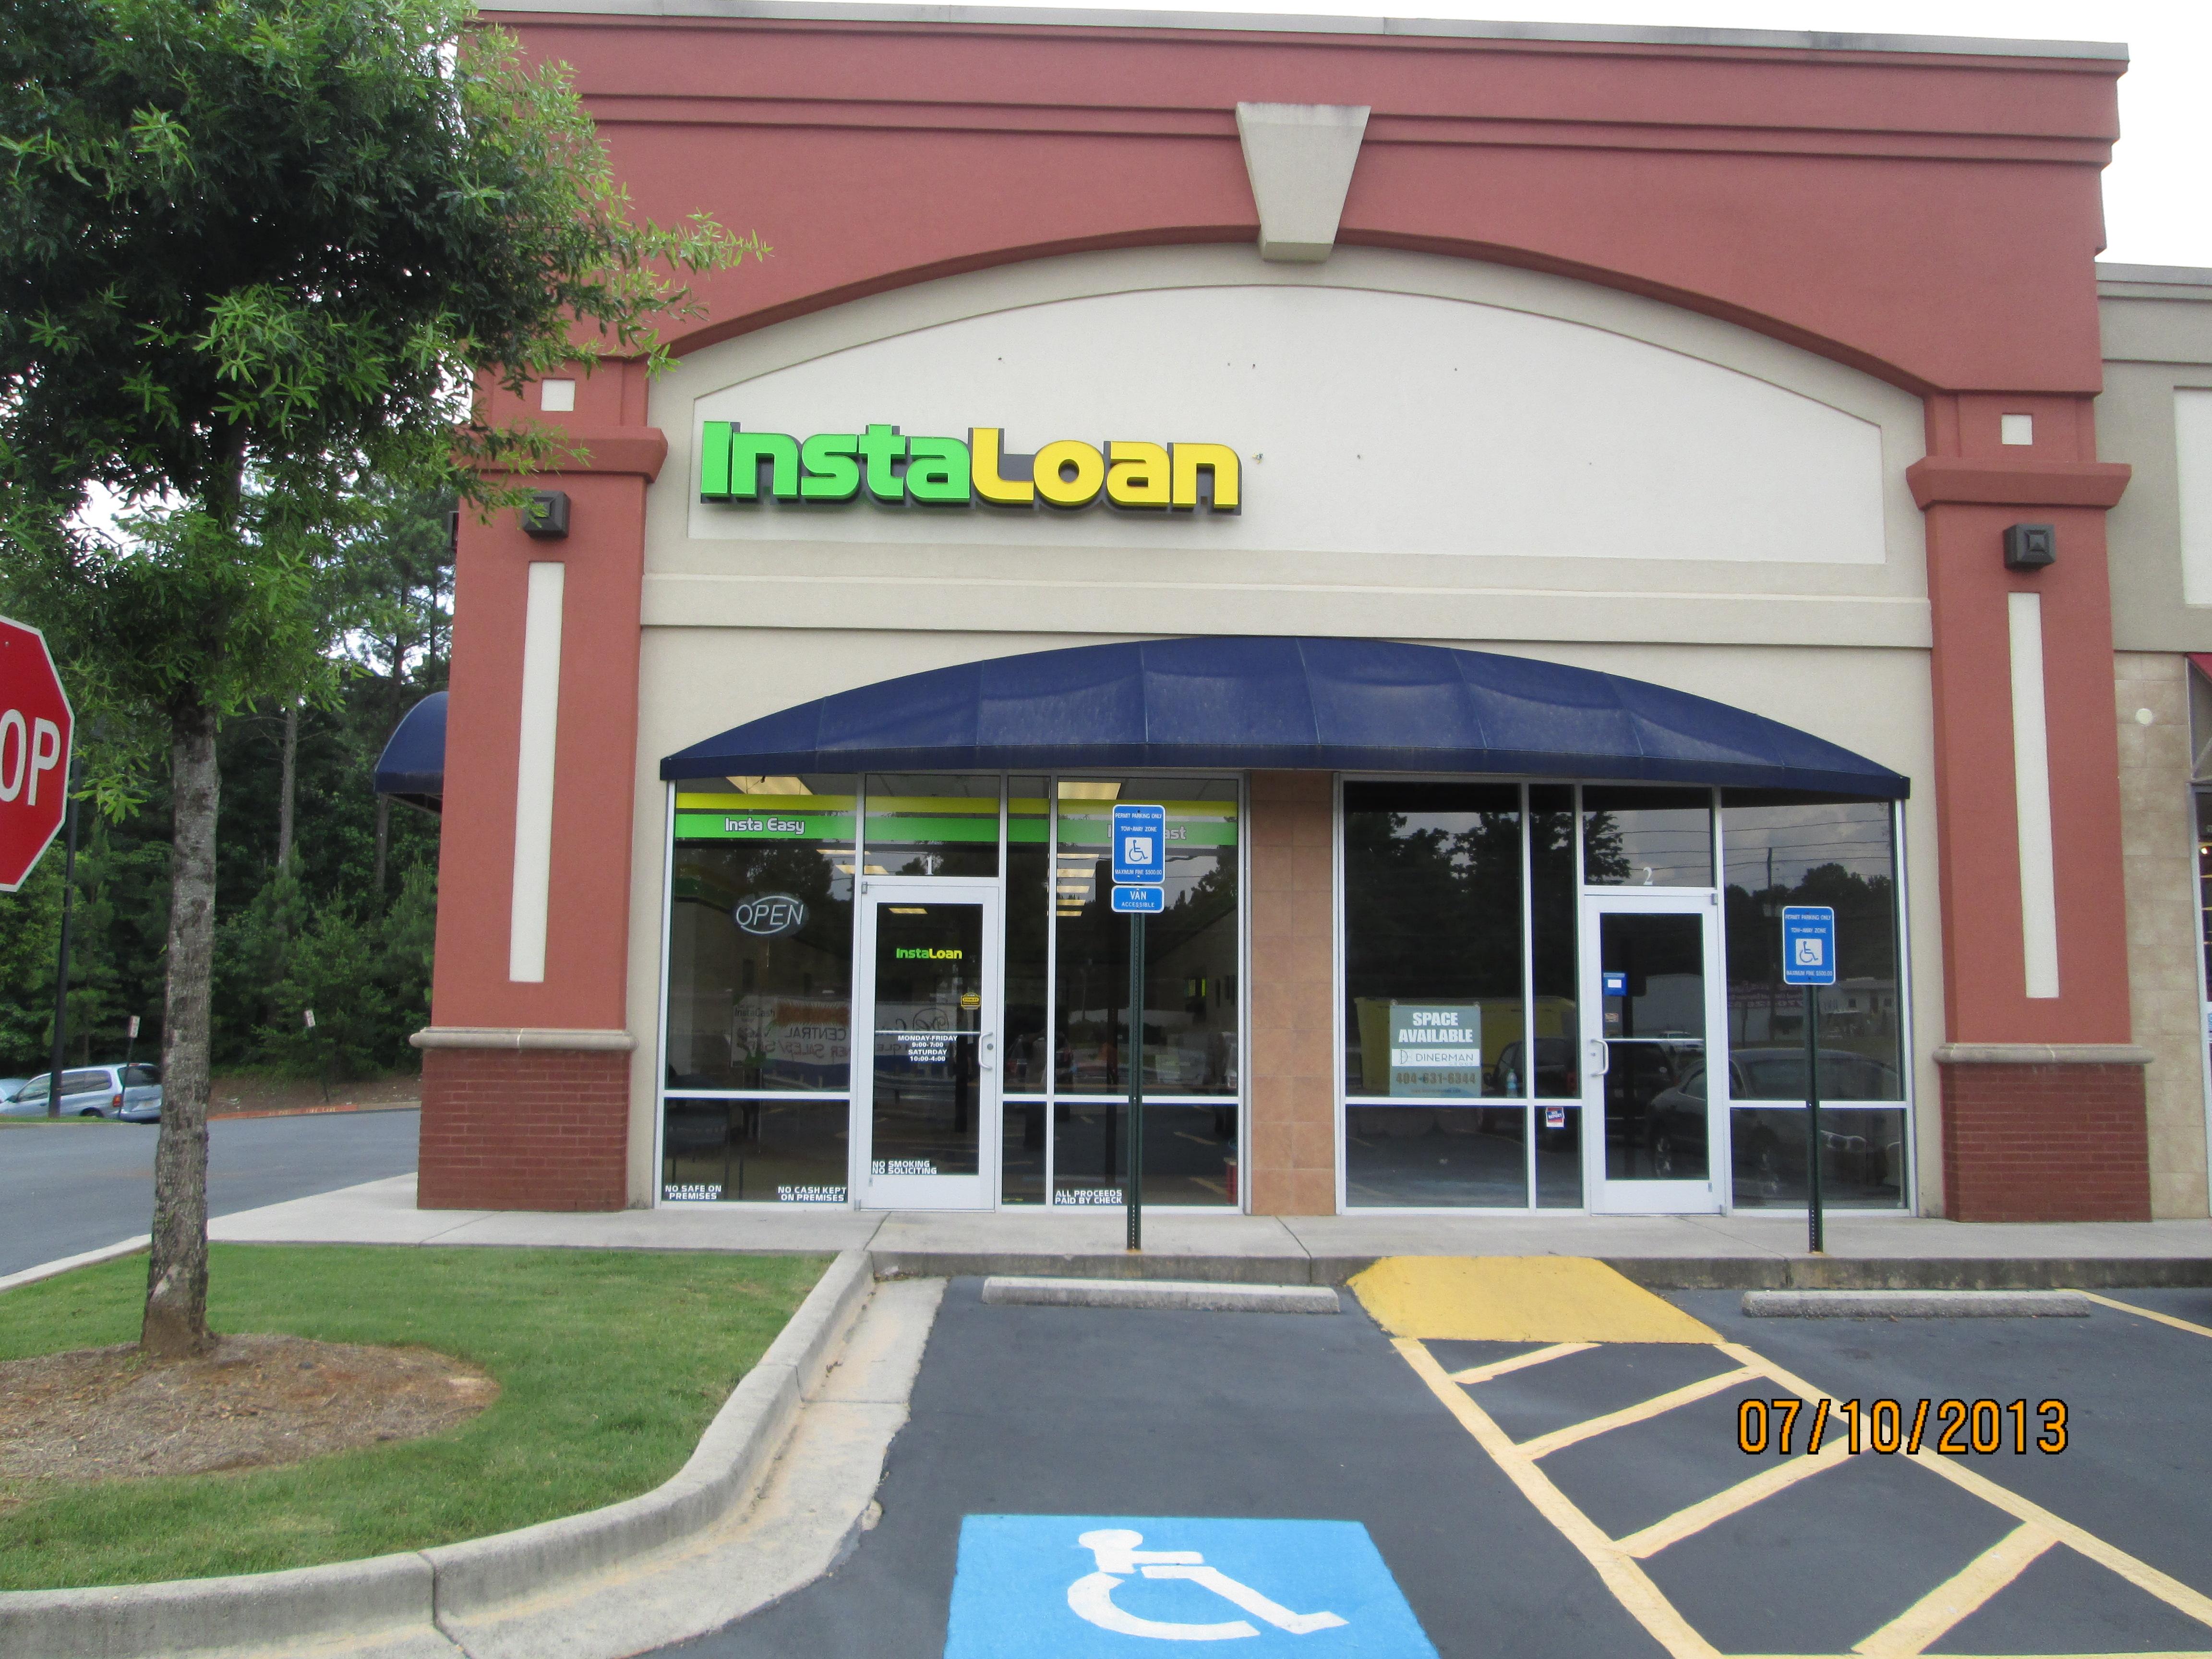 Easy cash loans centrelink image 10